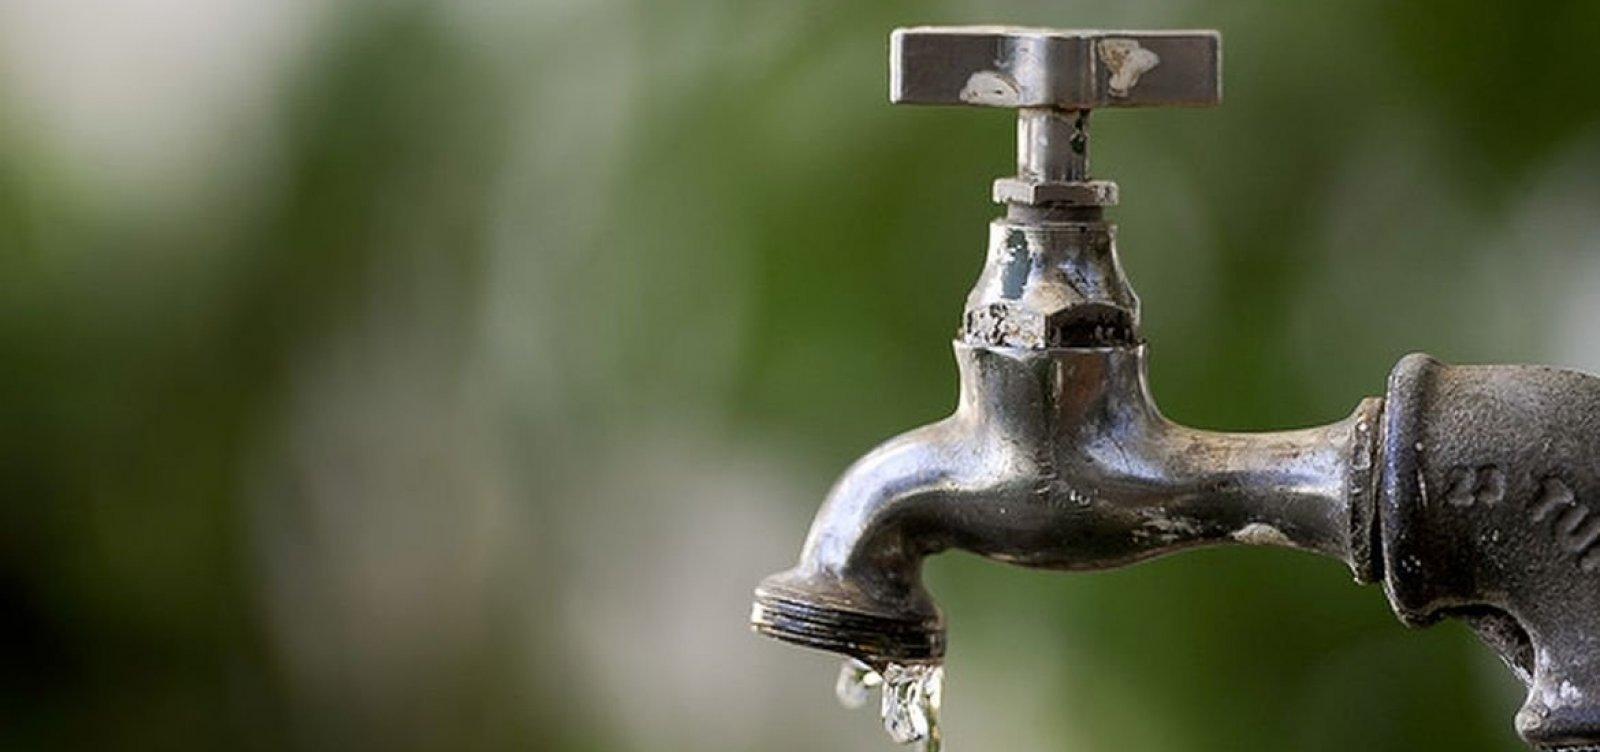 [Abastecimento de água será interrompido em 25 bairros de Salvador na segunda-feira]